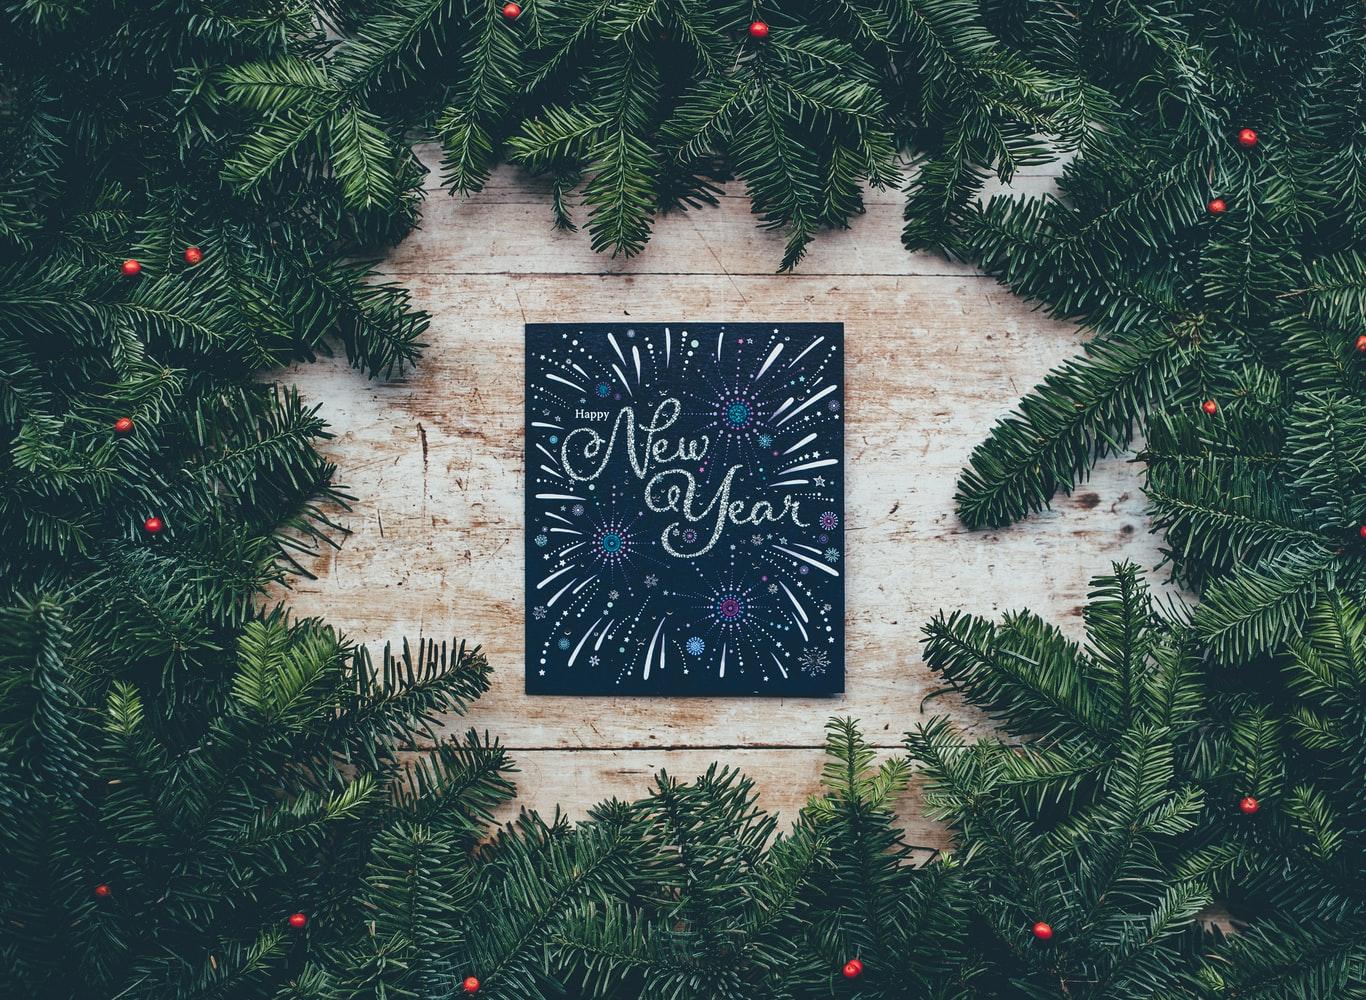 คำอวยพร ภาษาอังกฤษ วันปีใหม่